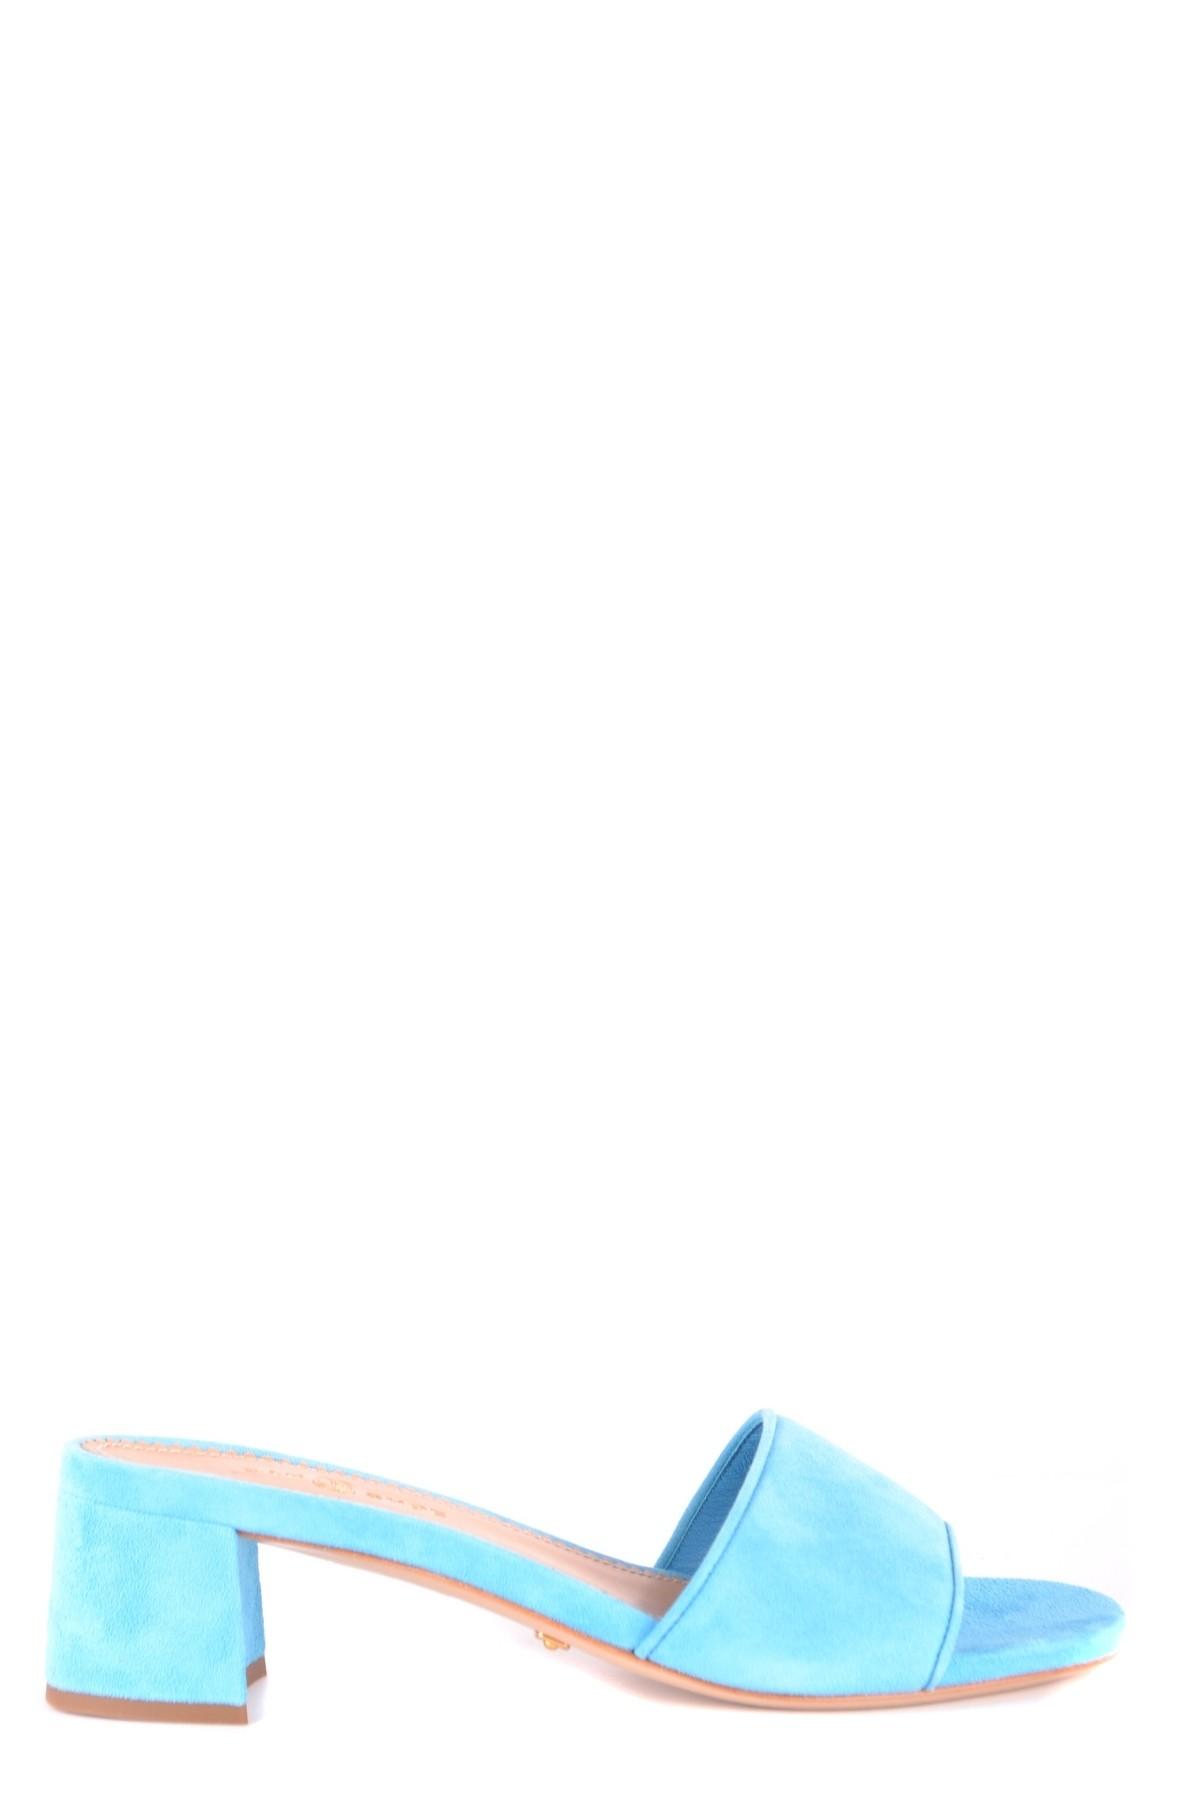 Marchio Car Shoe Genere Donna Tipologia Ciabatte Stagione Primavera/Estate …